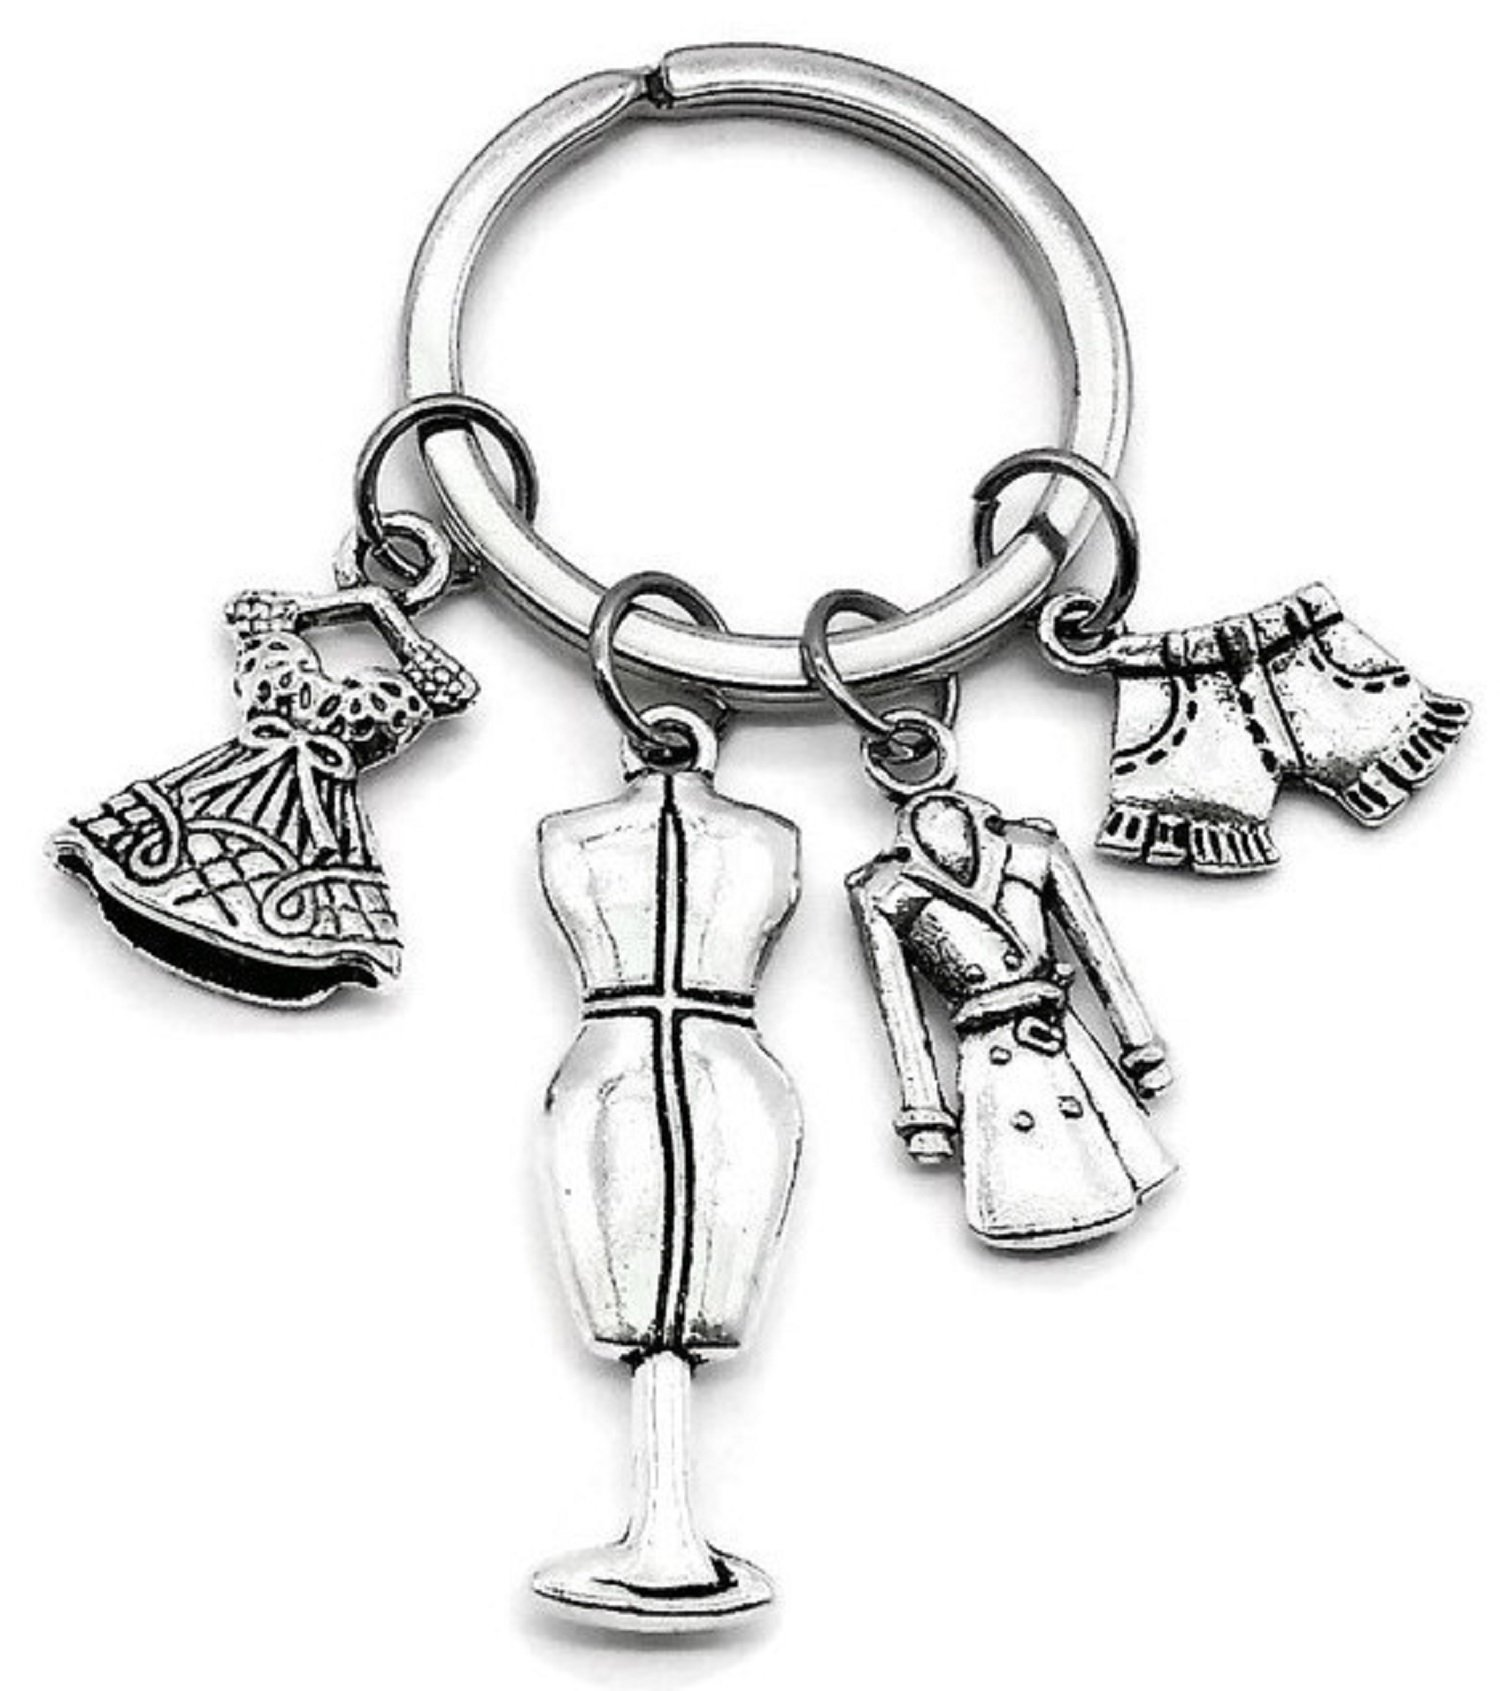 时尚钥匙扣、连衣裙钥匙扣、外套钥匙扣、衣服钥匙扣、牛仔裤短裤钥匙扣、人体模型钥匙扣、精品配饰、裙装饰、服装魅力、时尚魅力、女性礼物时尚钥匙圈